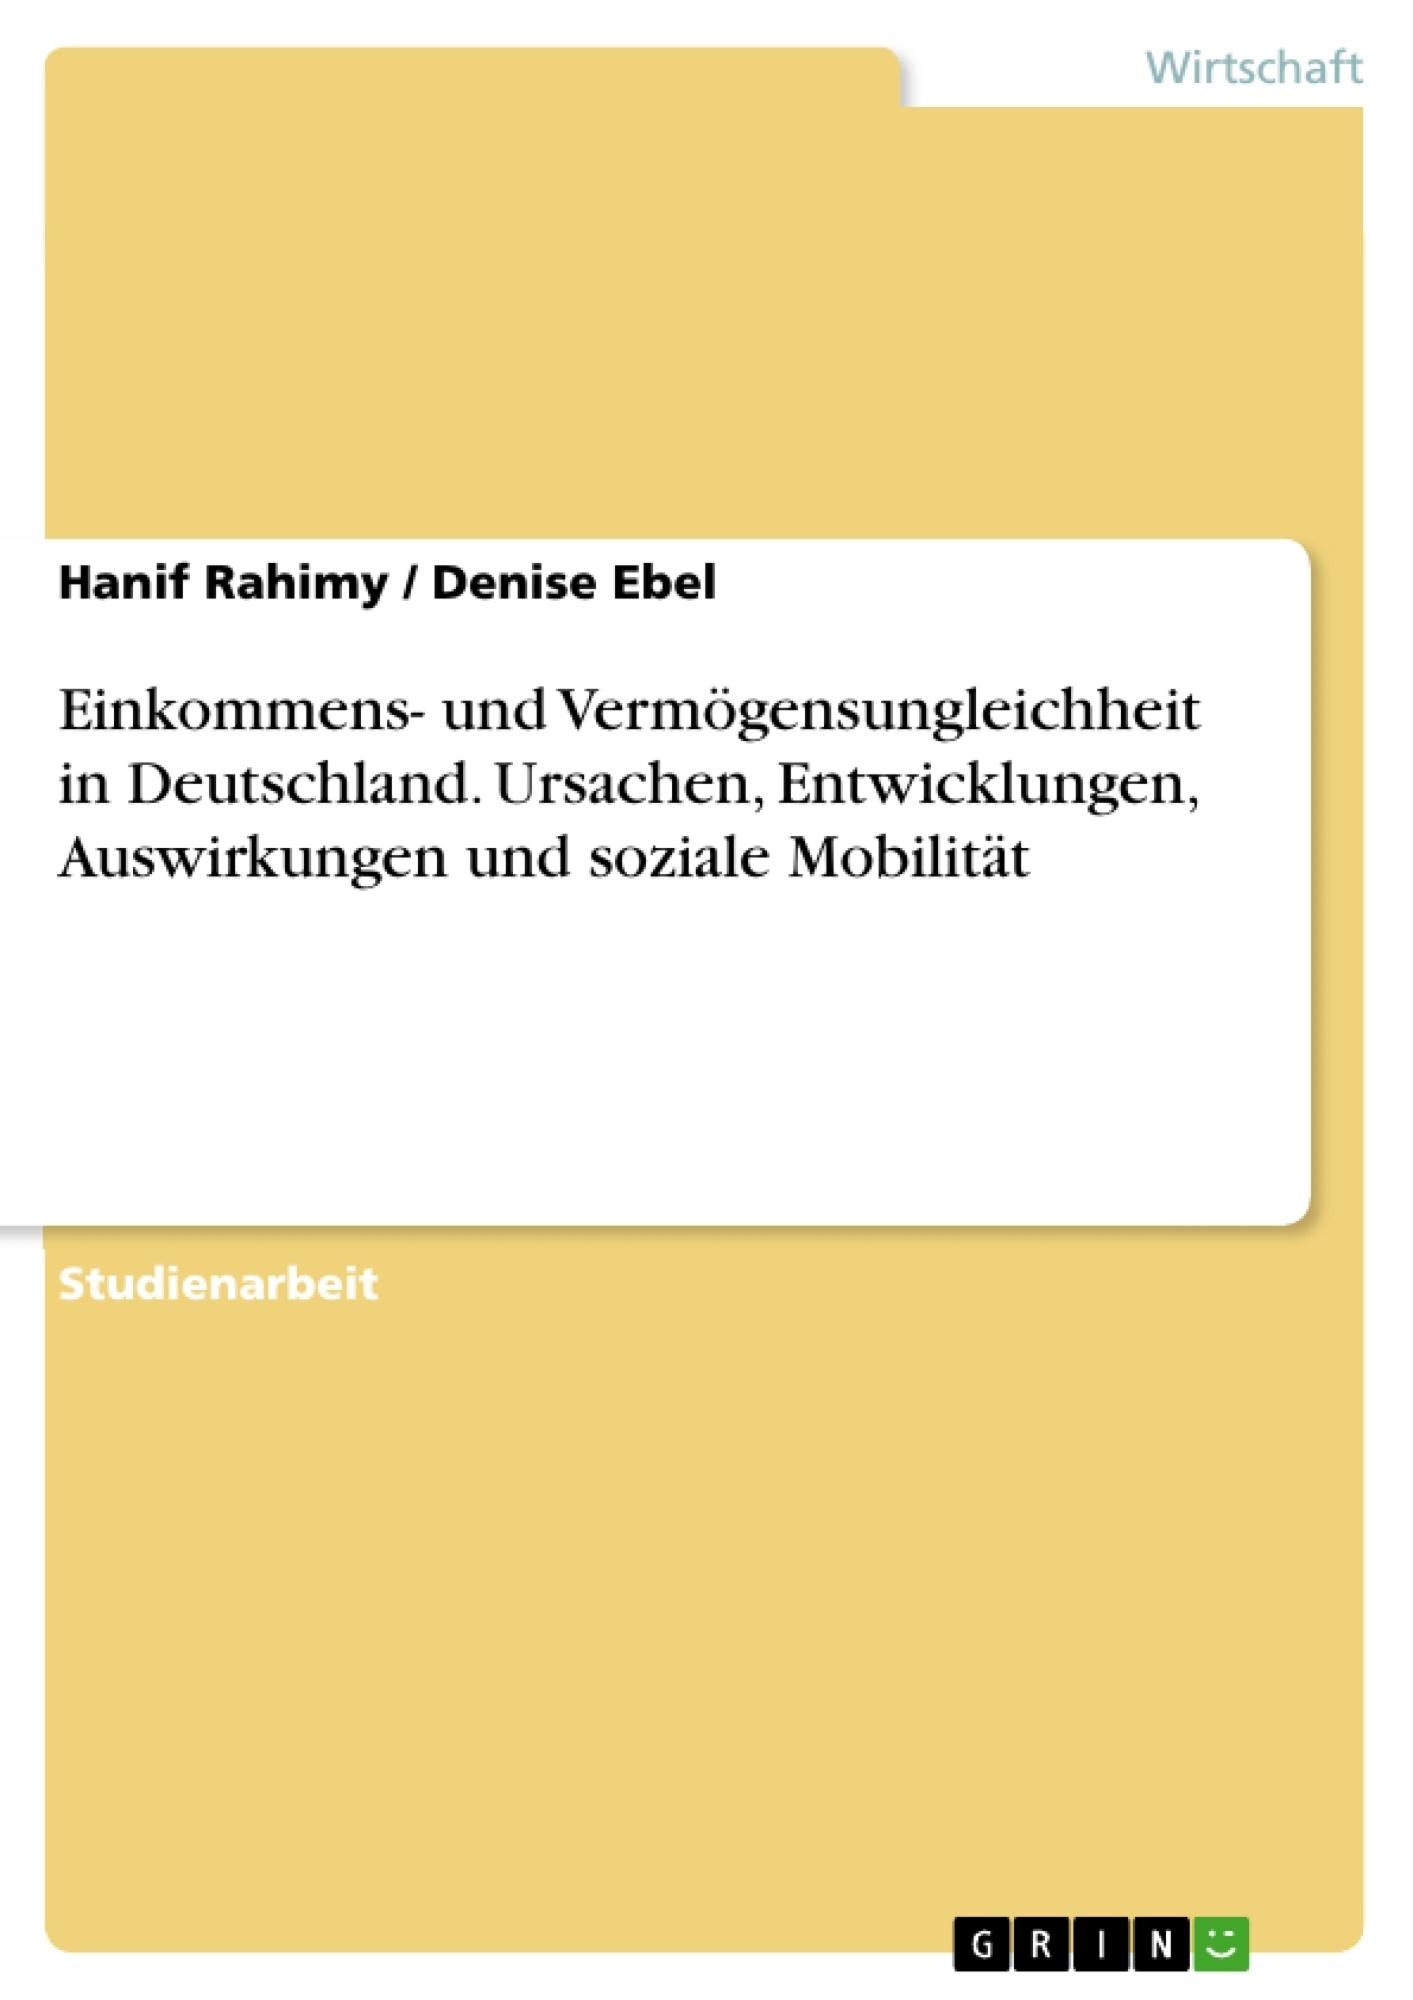 Titel: Einkommens- und Vermögensungleichheit in Deutschland. Ursachen, Entwicklungen, Auswirkungen und soziale Mobilität